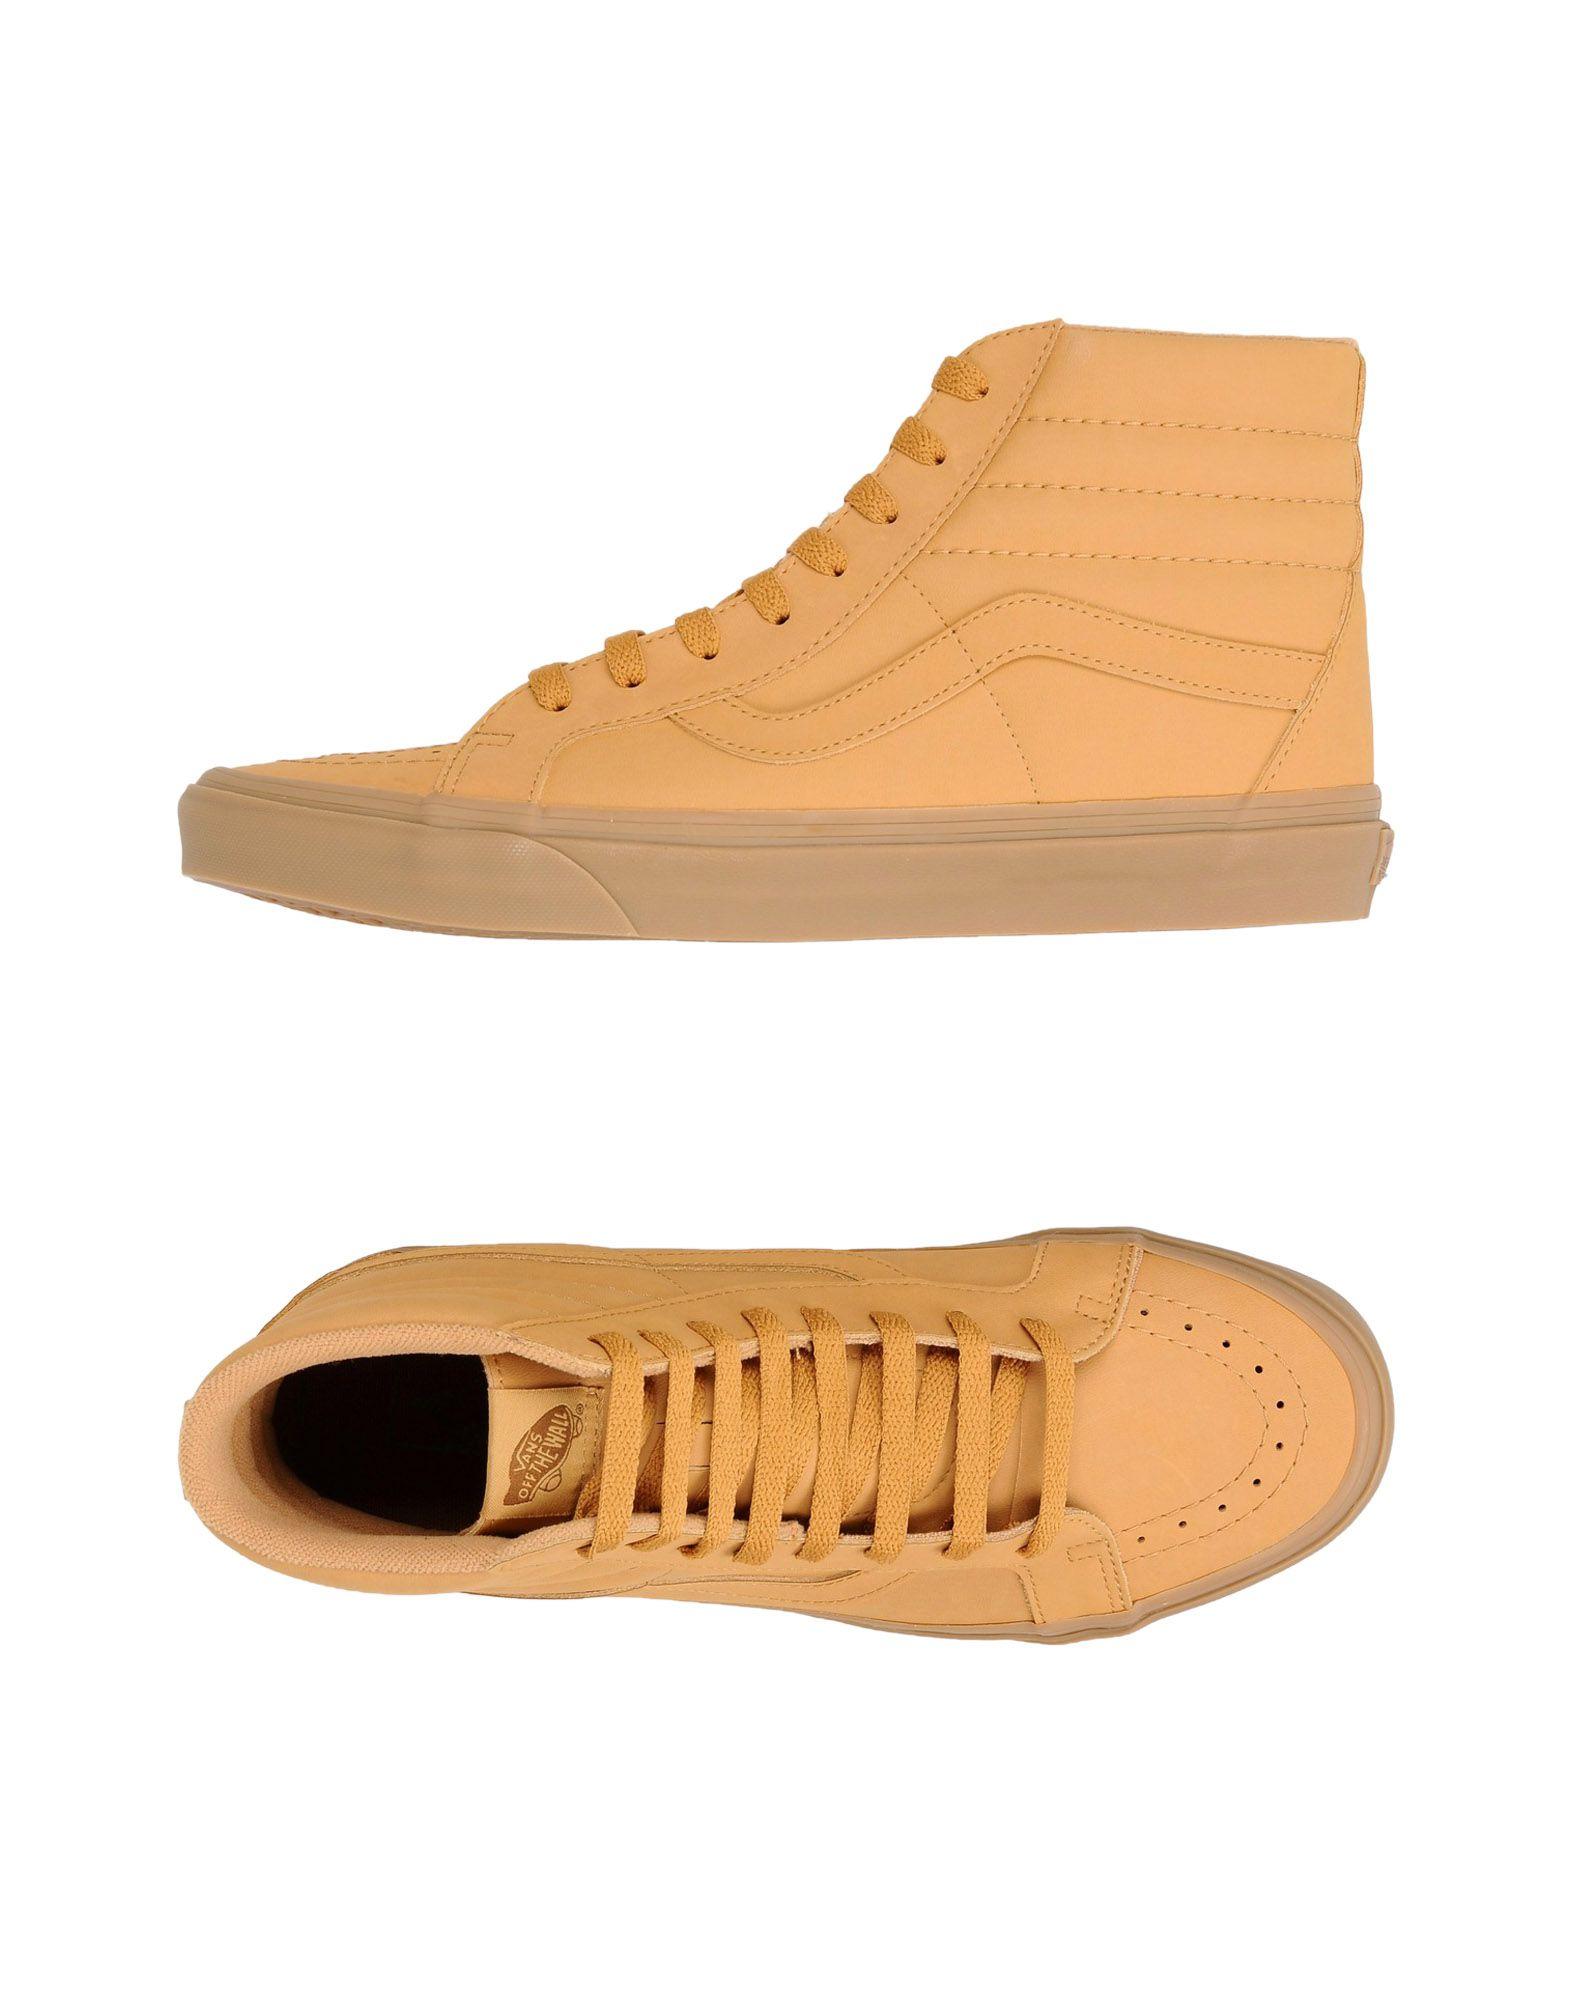 Фото - VANS Высокие кеды и кроссовки кеды мужские vans ua sk8 mid цвет белый va3wm3vp3 размер 9 5 43